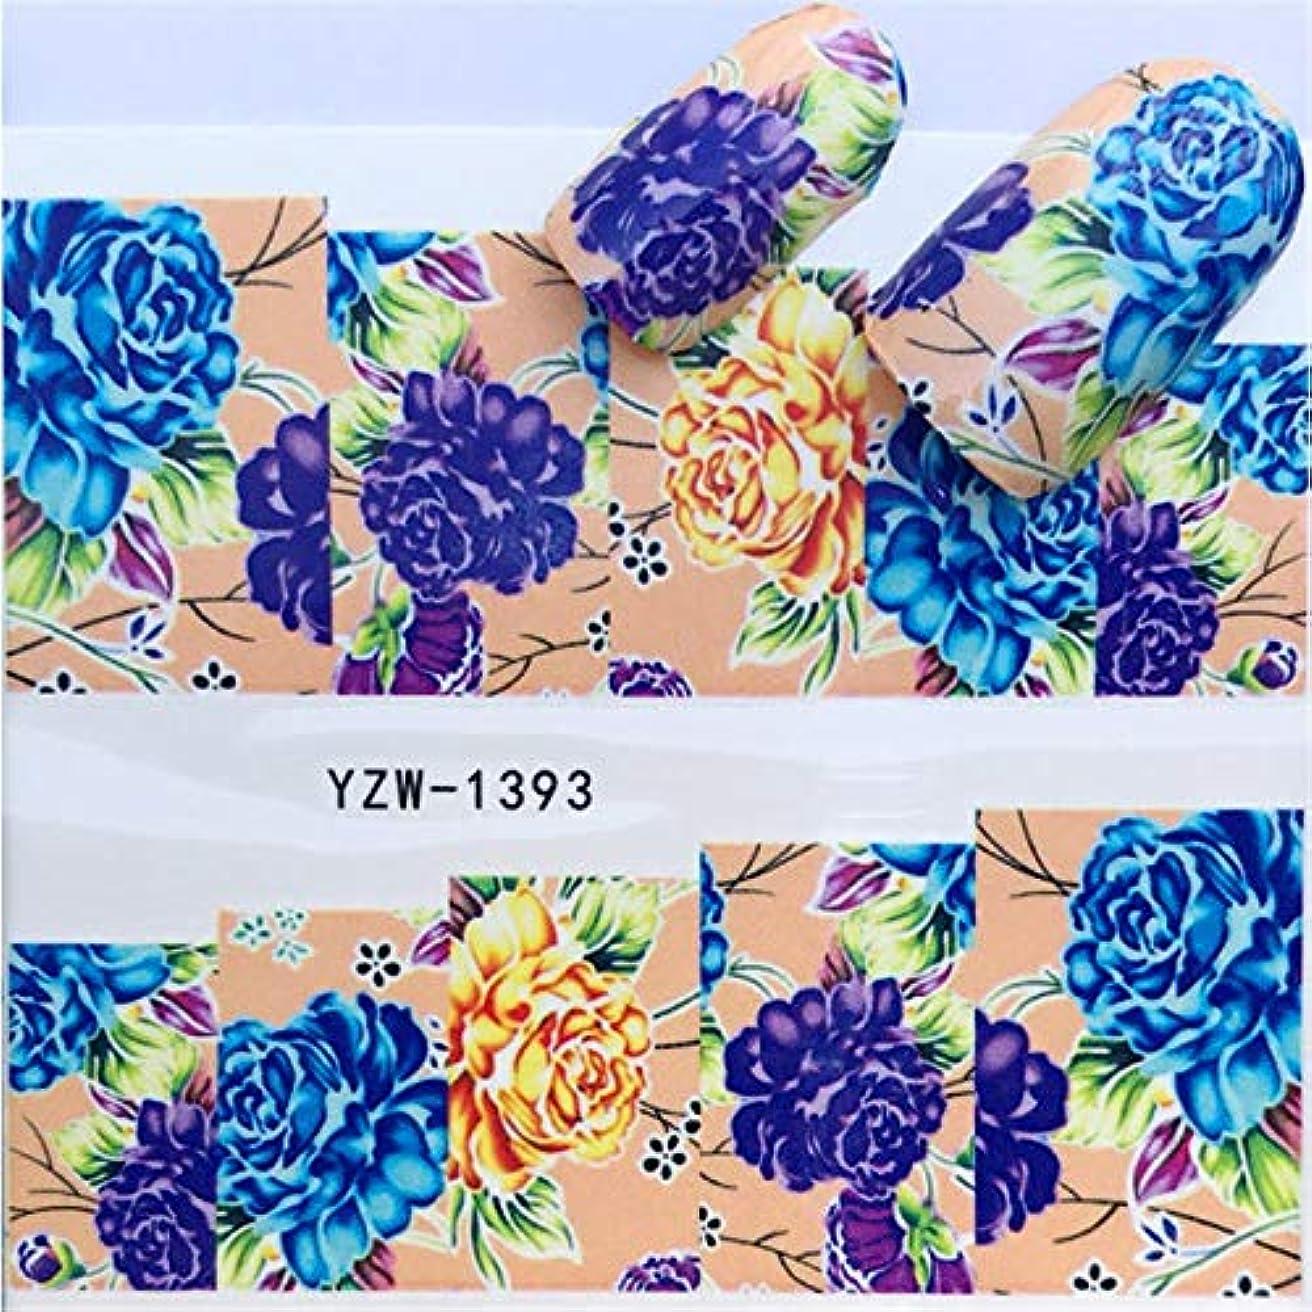 いじめっ子静けさ勝つSUKTI&XIAO ネイルステッカー マニキュアの装飾、Yzw-1393のための1 PCの紫色の花の釘水ステッカーの多彩な花の釘の芸術の移動のステッカー